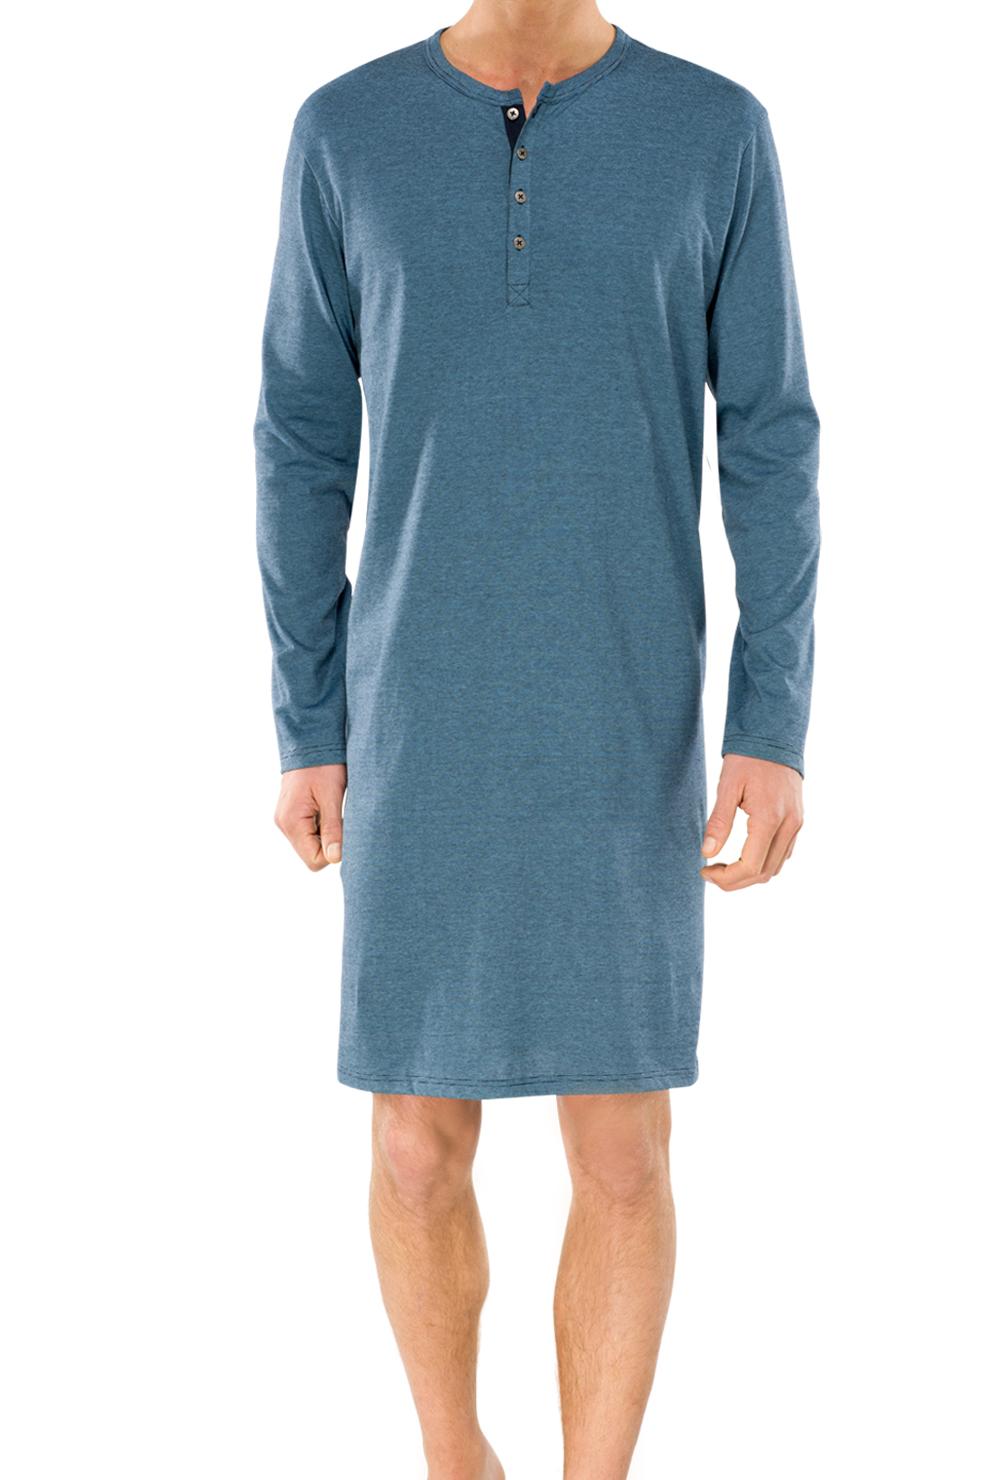 Schiesser heren nachthemd, indigoblauw